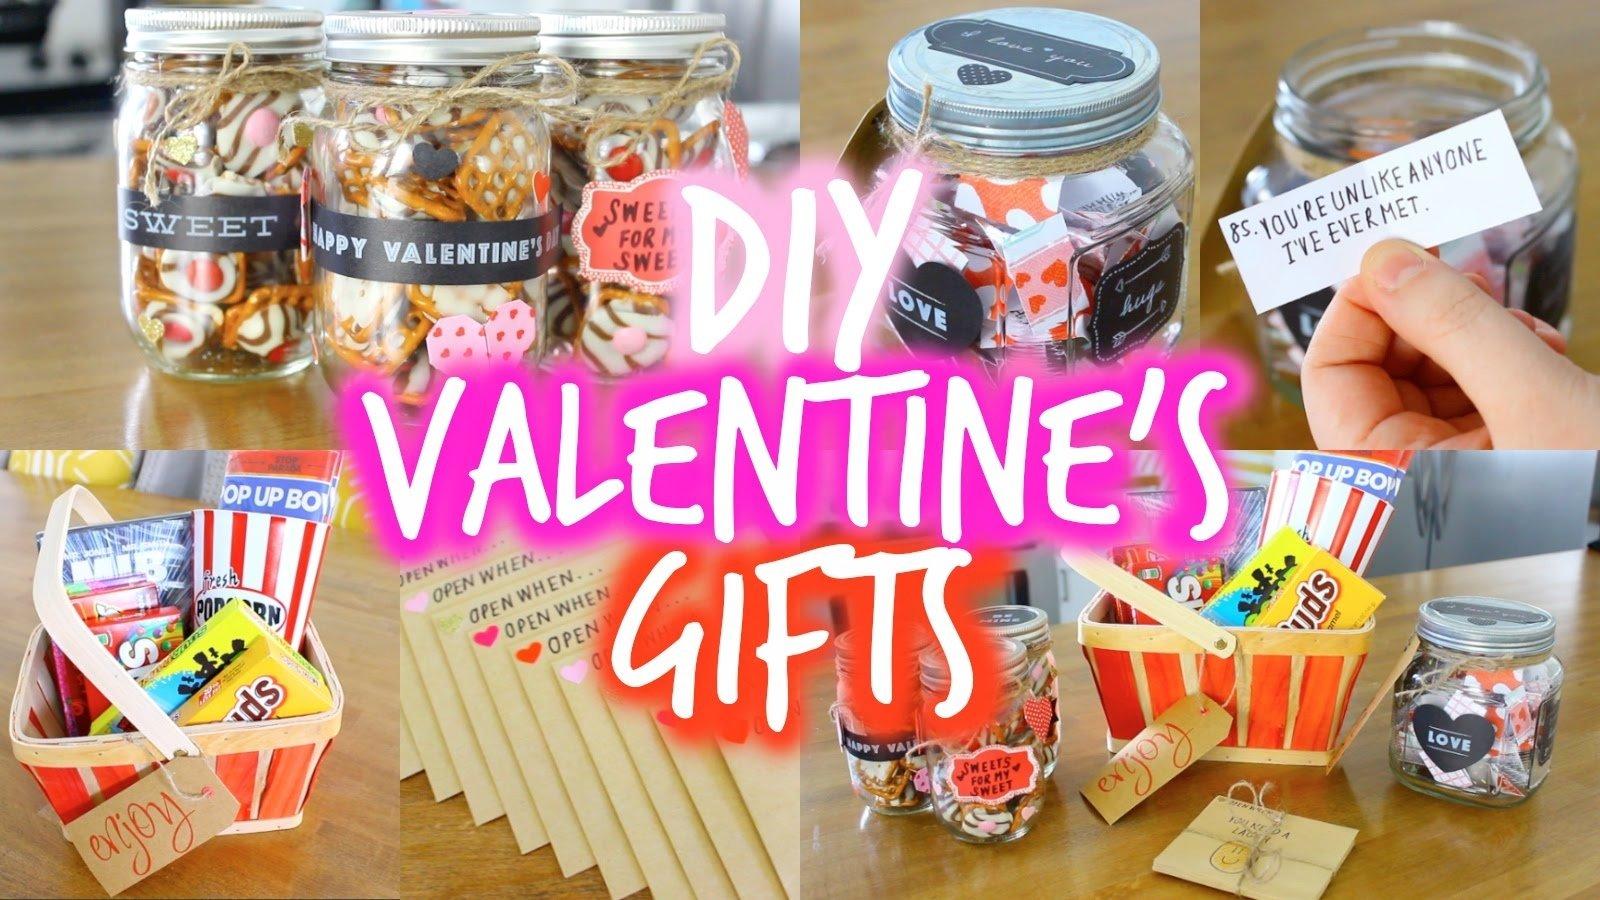 10 Fashionable Cute Ideas For Boyfriend On Valentines Day easy diy valentines day gift ideas for your boyfriend youtube 56 2020